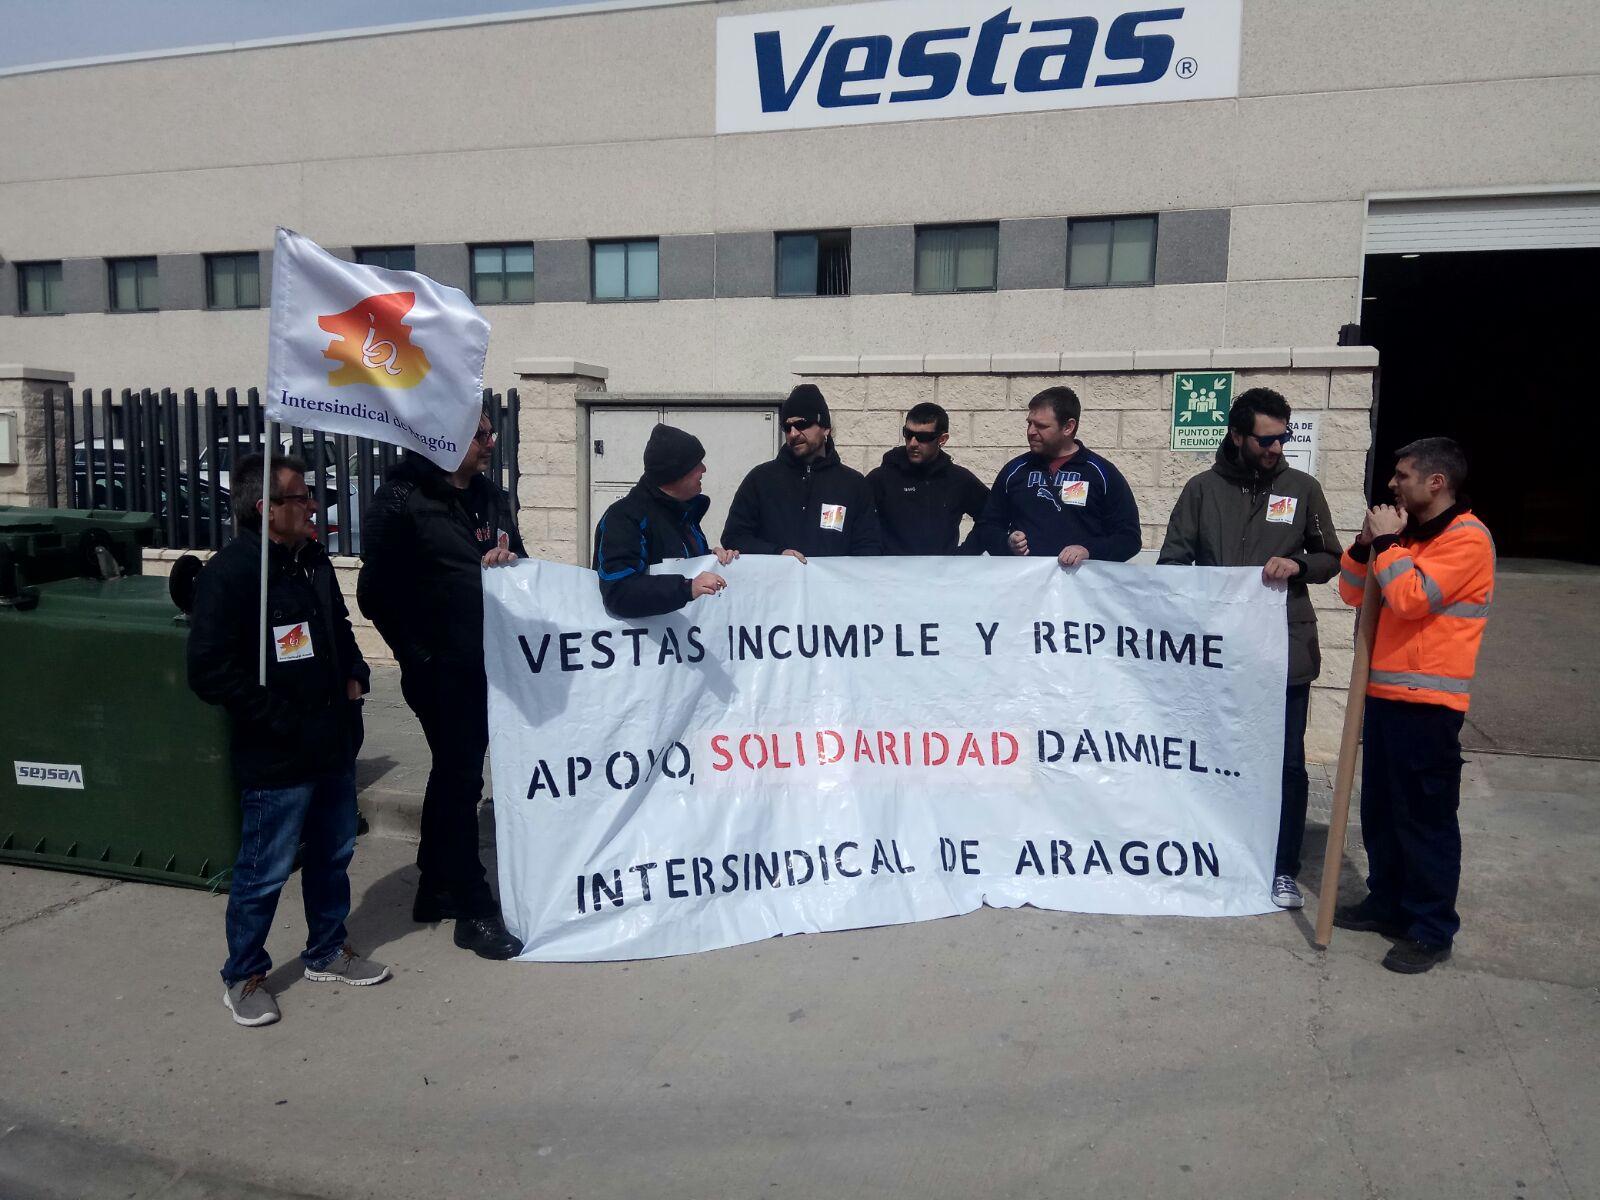 Intersindical de Aragón consigue un miembro más en el Comité de empresa de Vestas en las elecciones parciales. Resultados